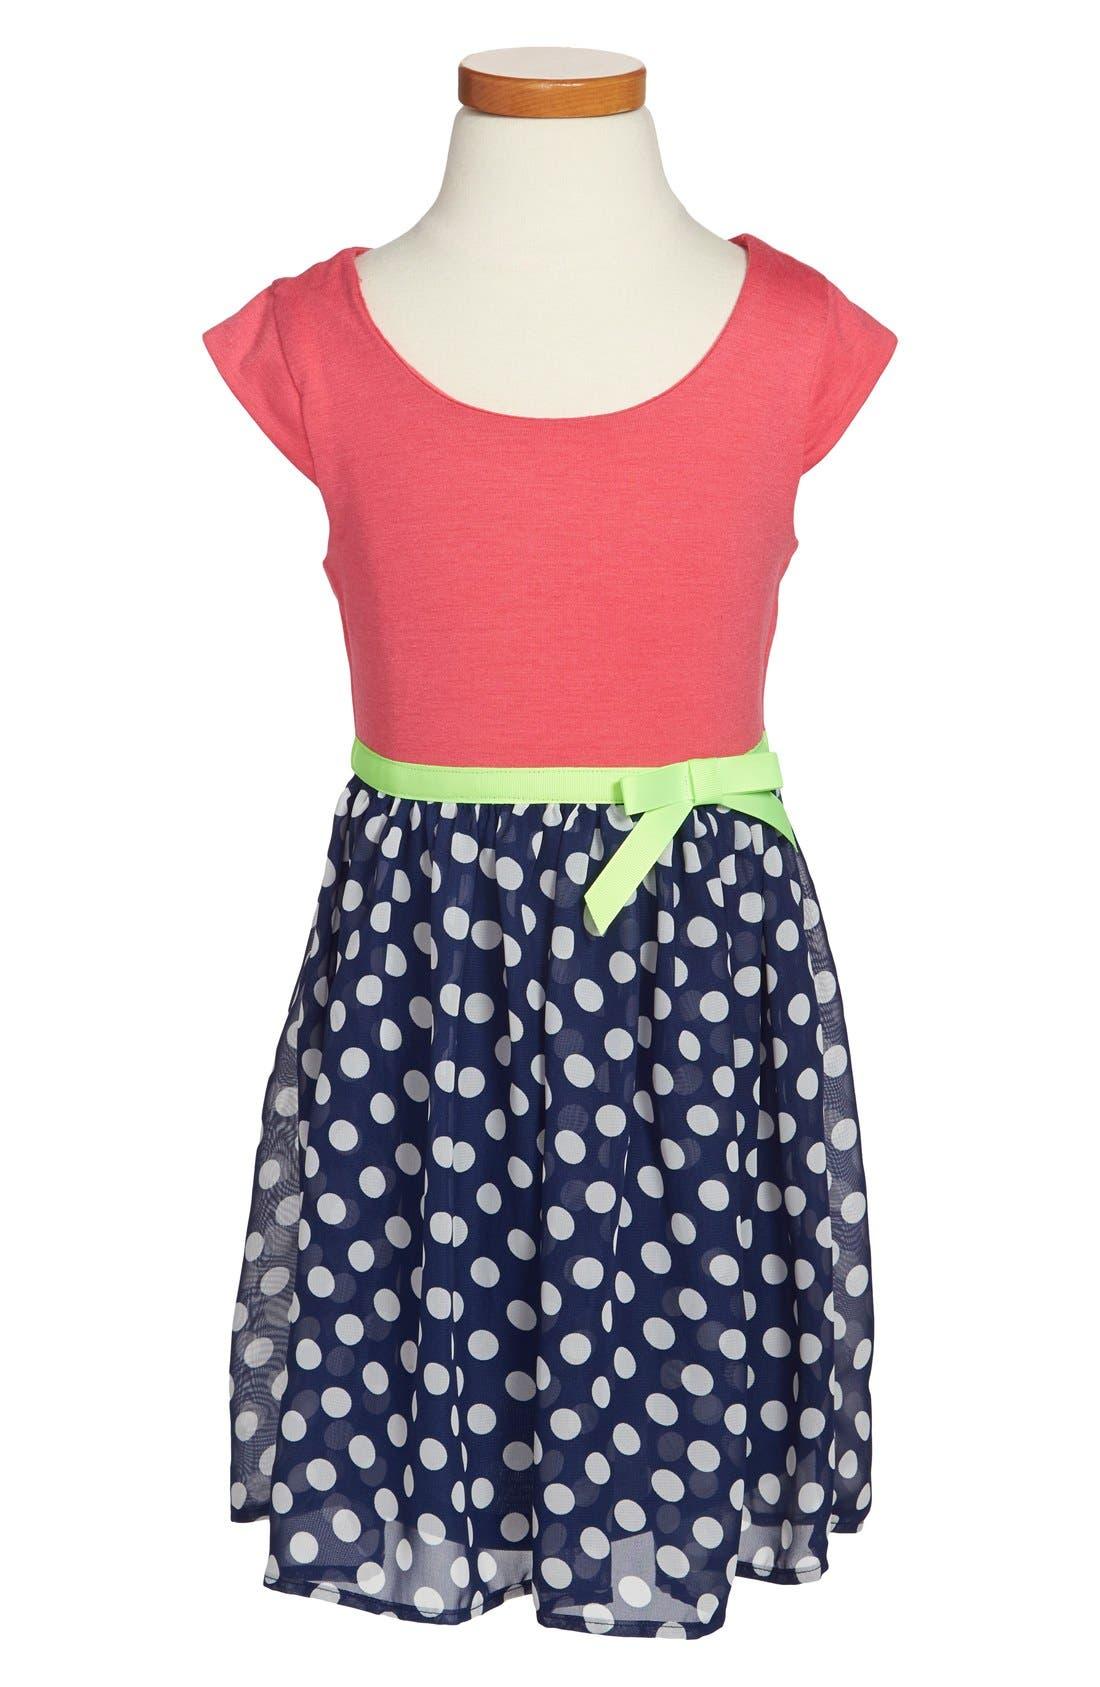 Main Image - Zunie Cap Sleeve Floral Print Dress (Toddler Girls, Little Girls & Big Girls)